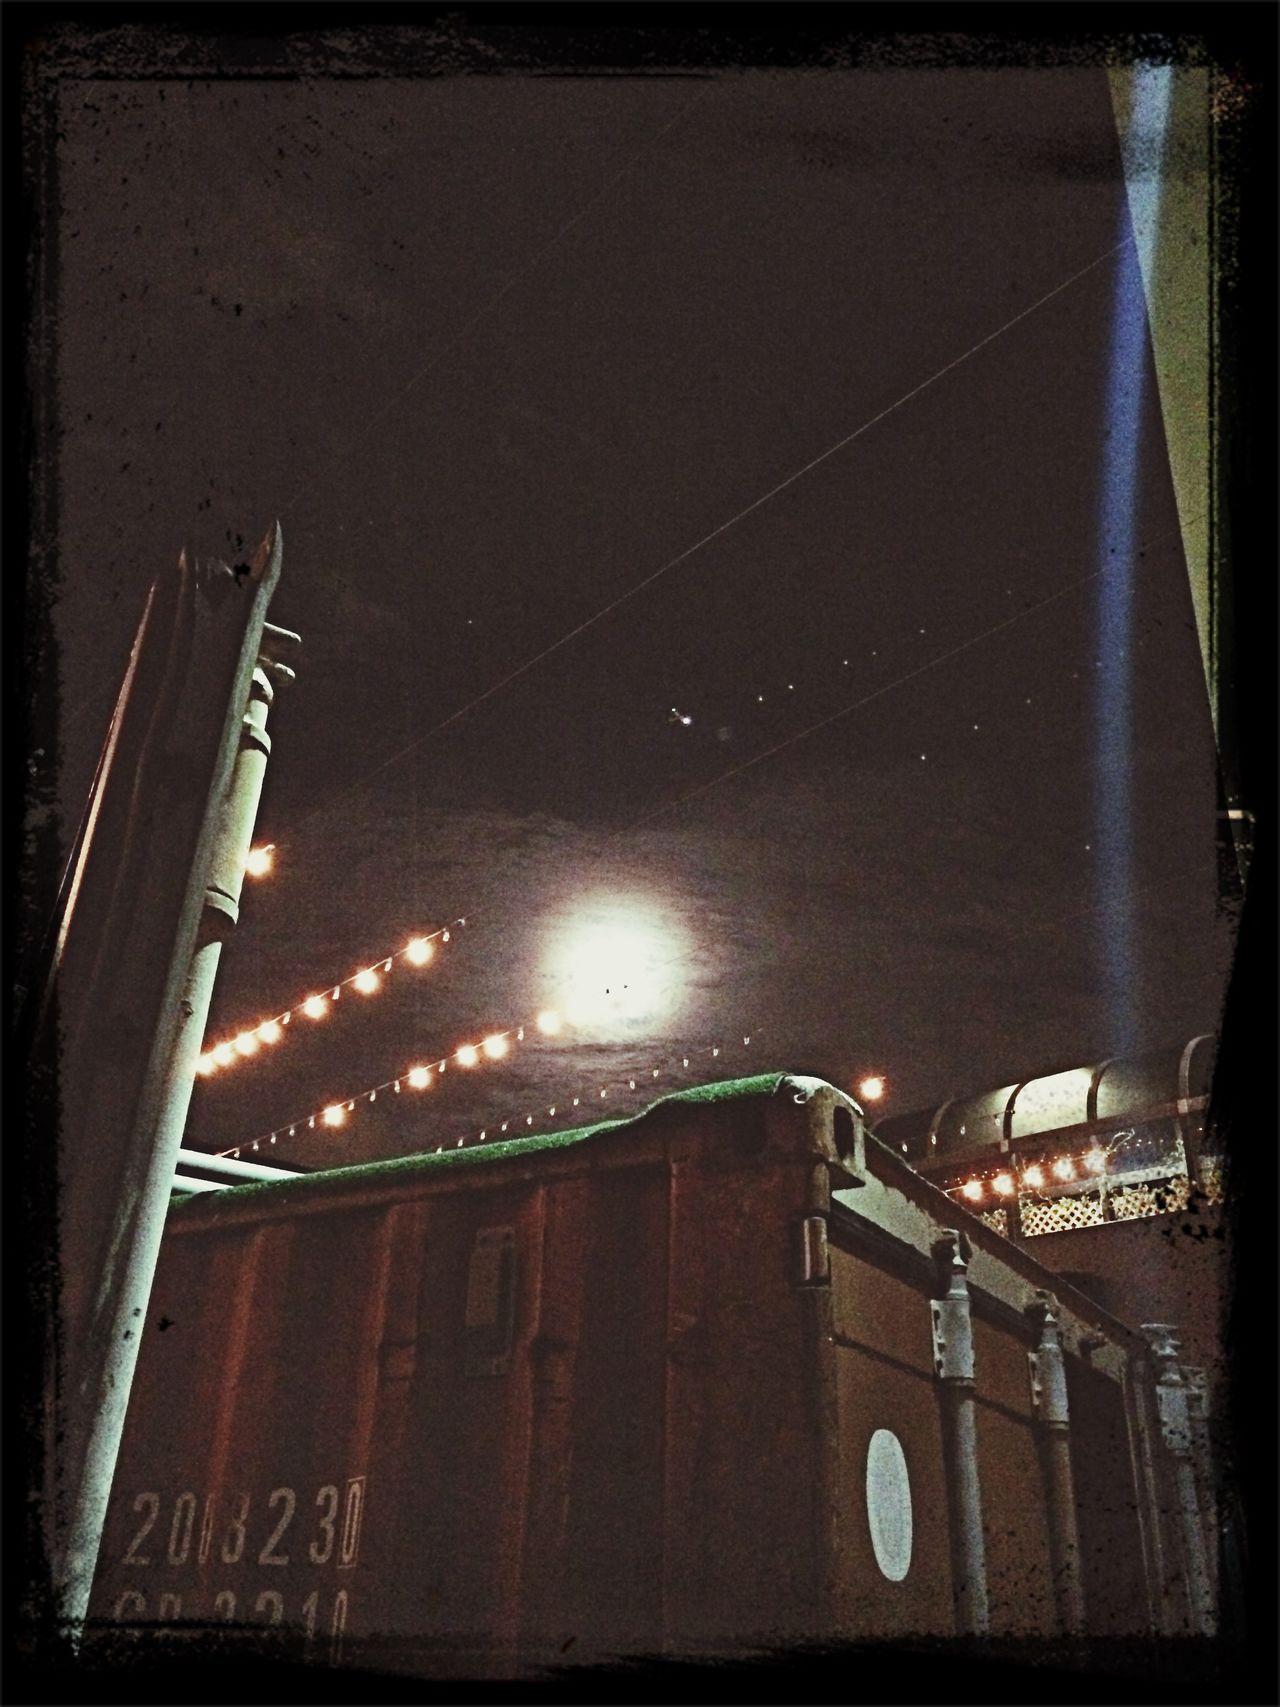 Moon over micro theater Miami